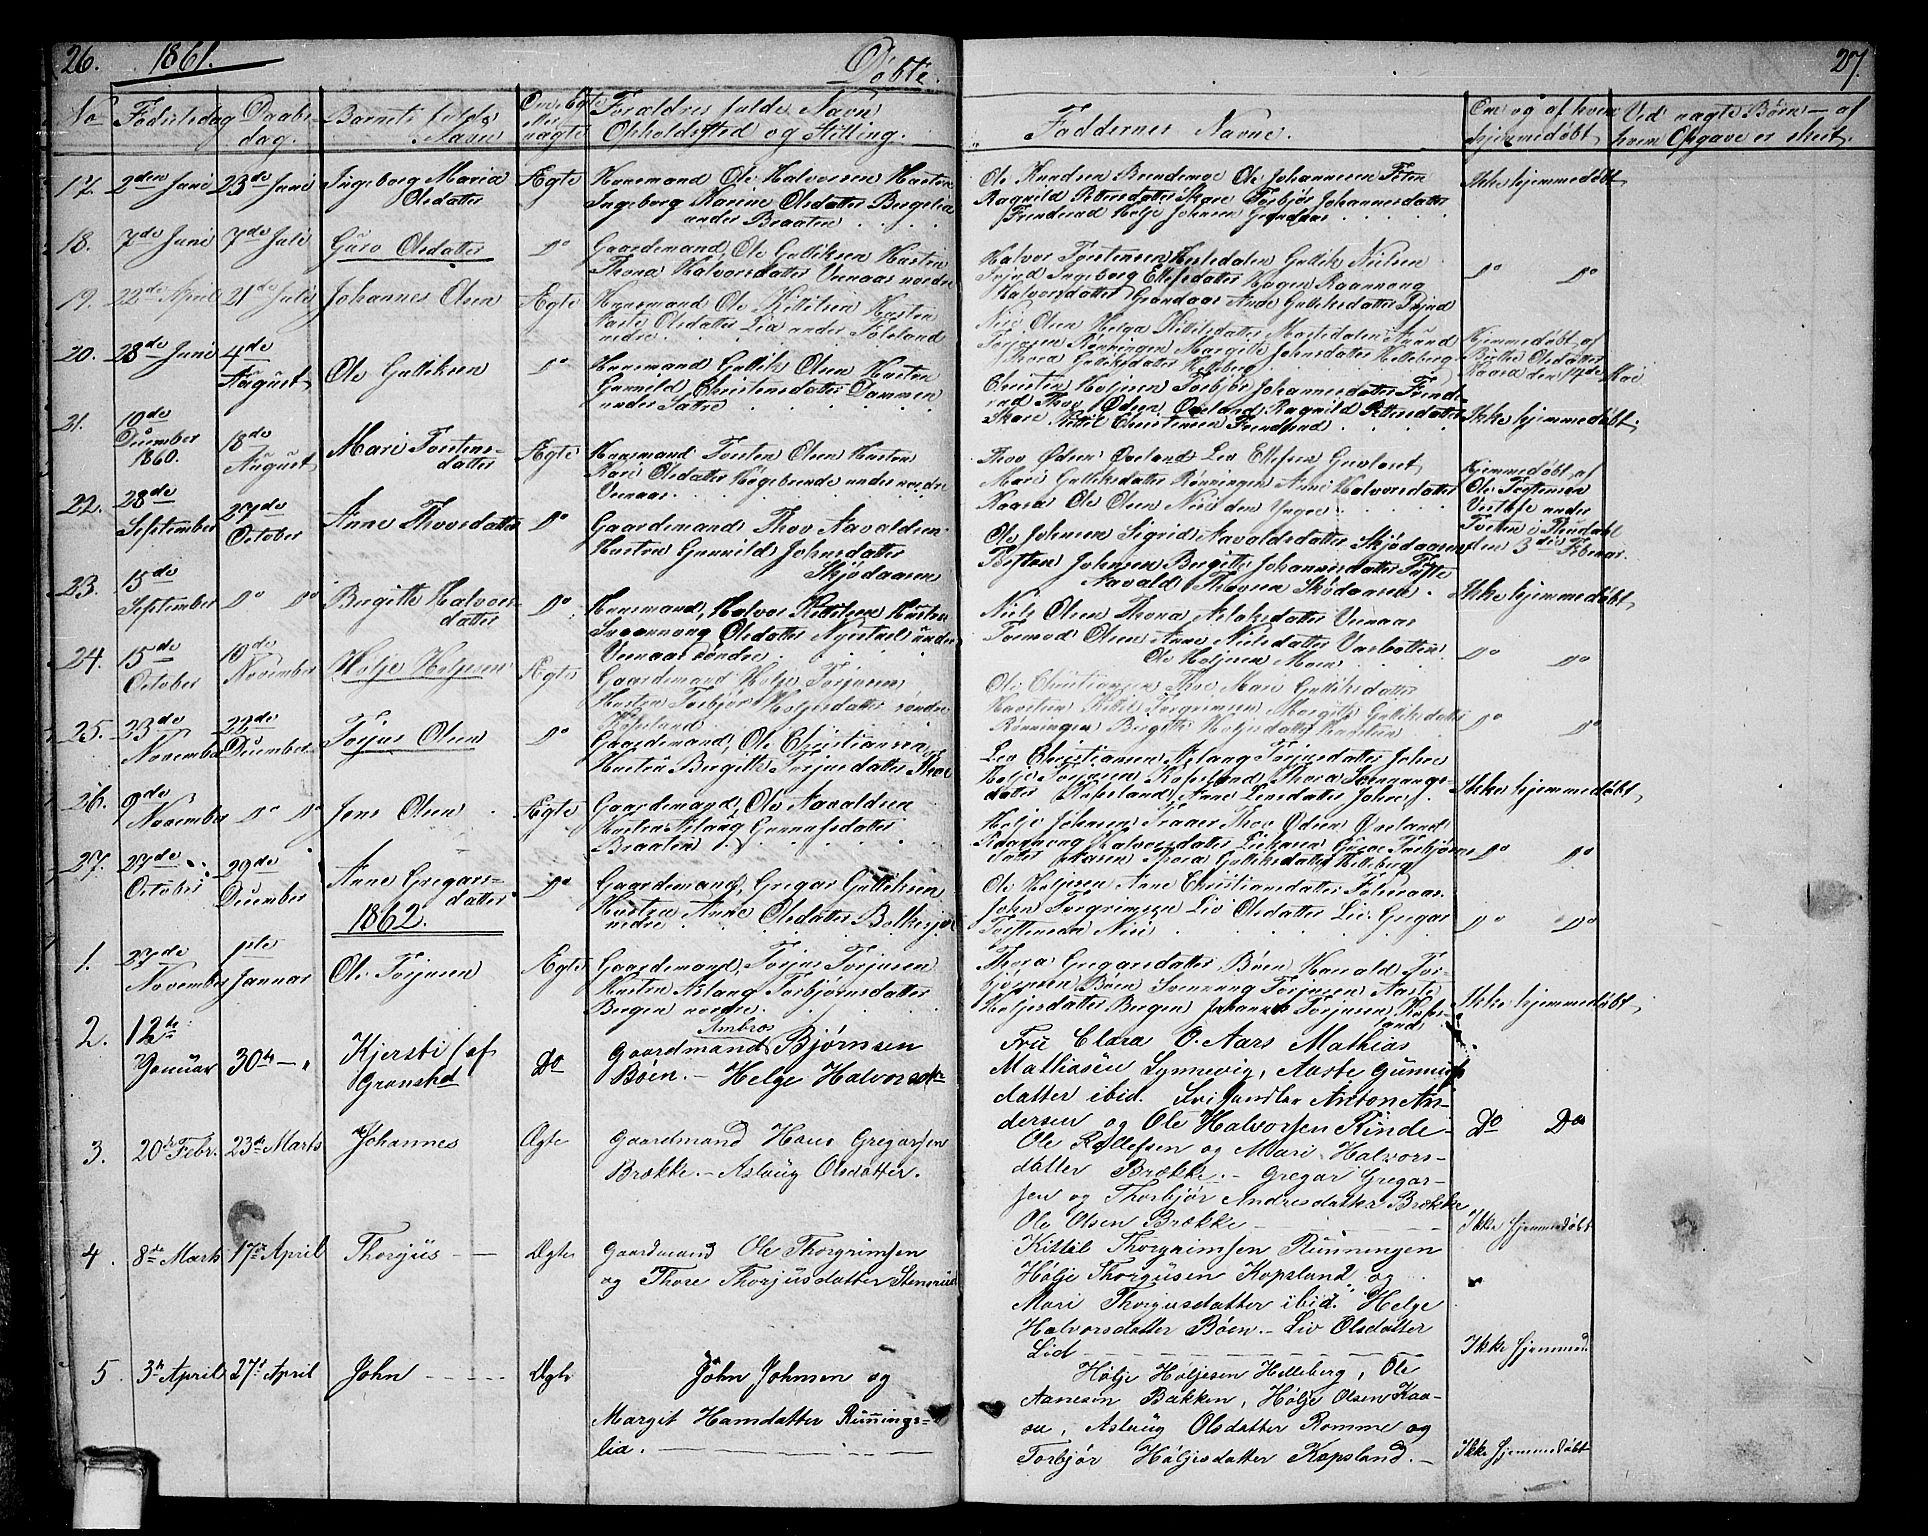 SAKO, Gransherad kirkebøker, G/Ga/L0002: Klokkerbok nr. I 2, 1854-1886, s. 26-27